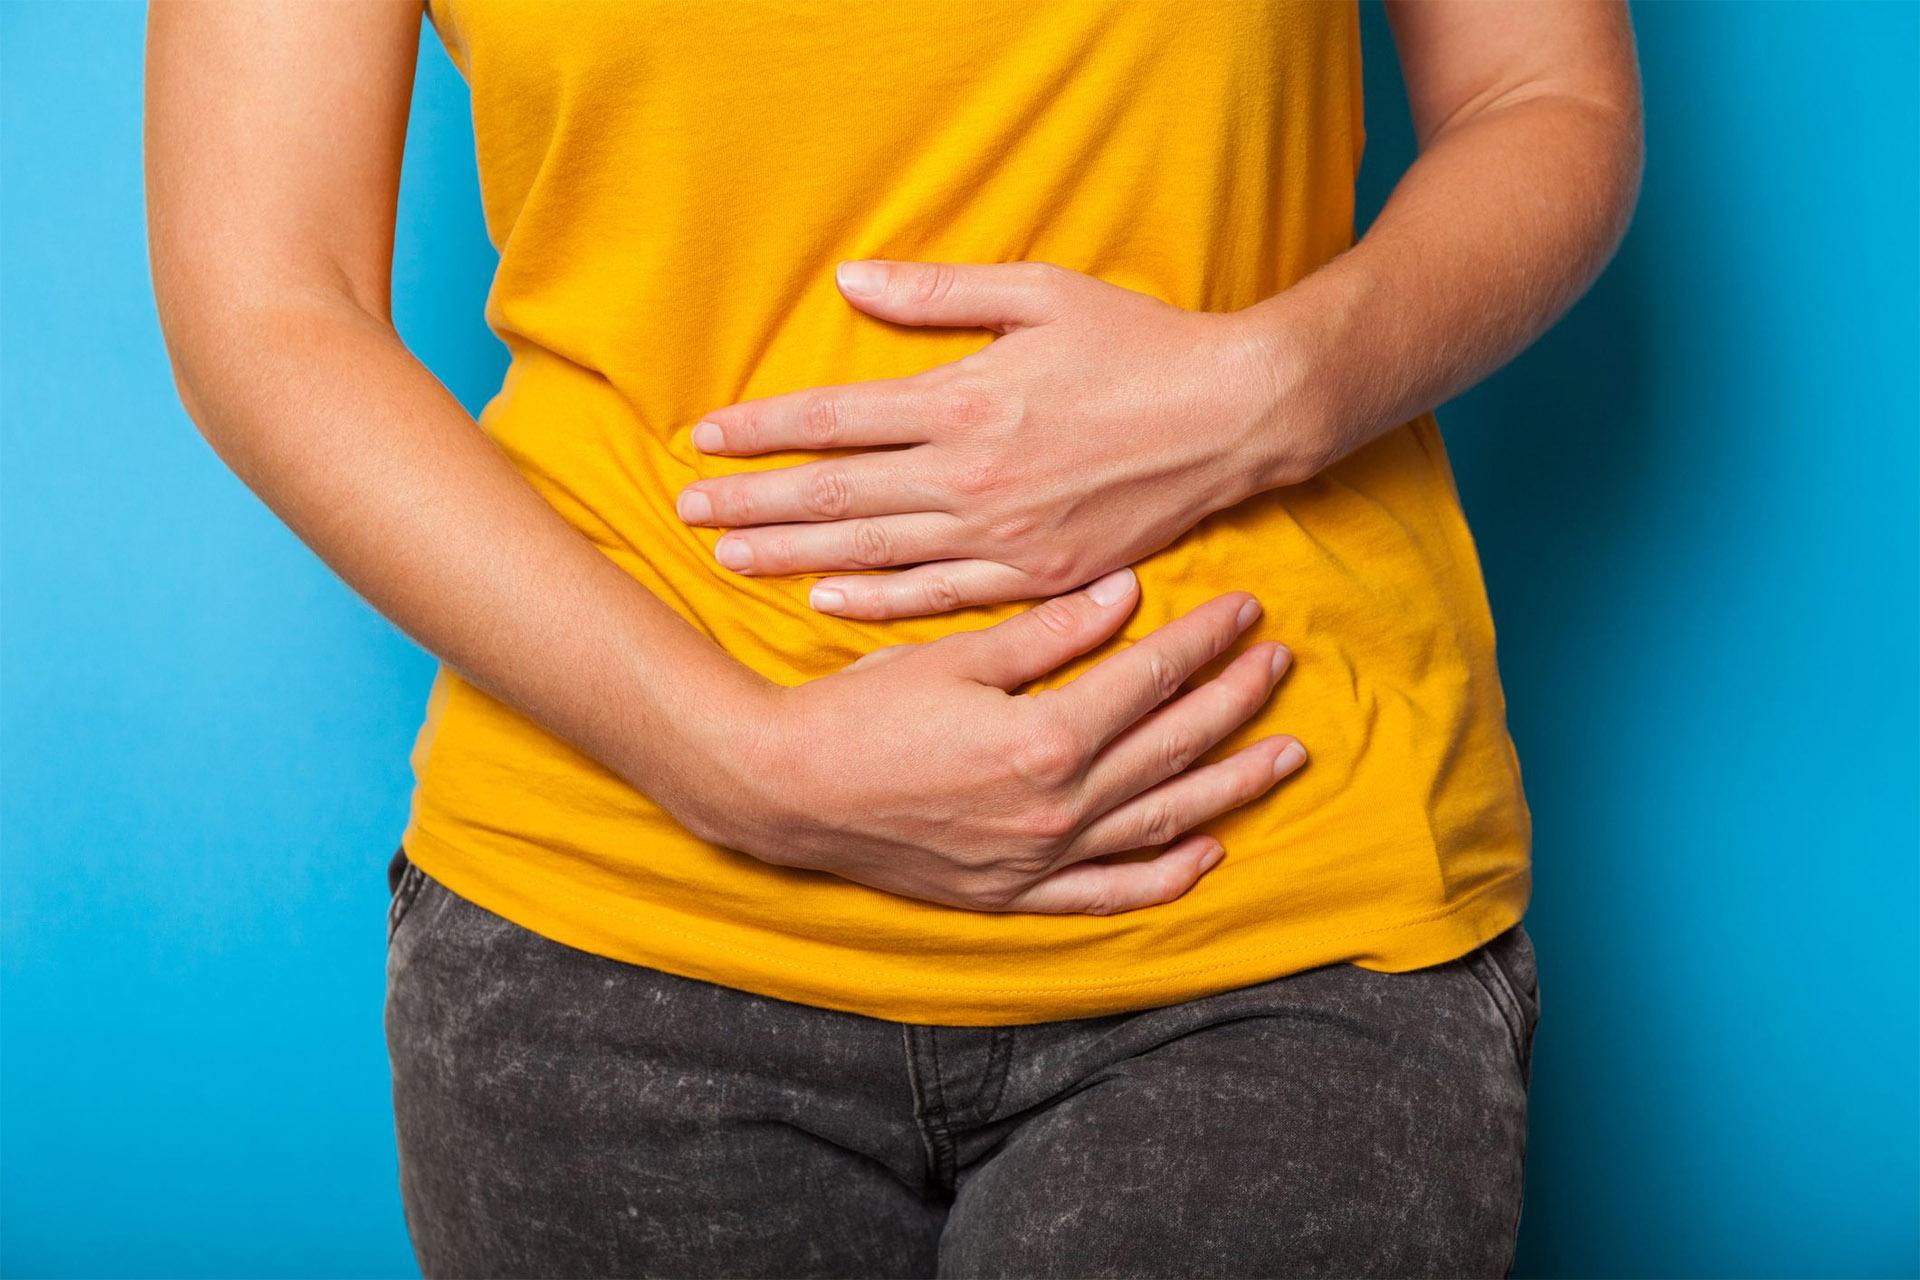 Buikpijn tijdens de zwangerschap